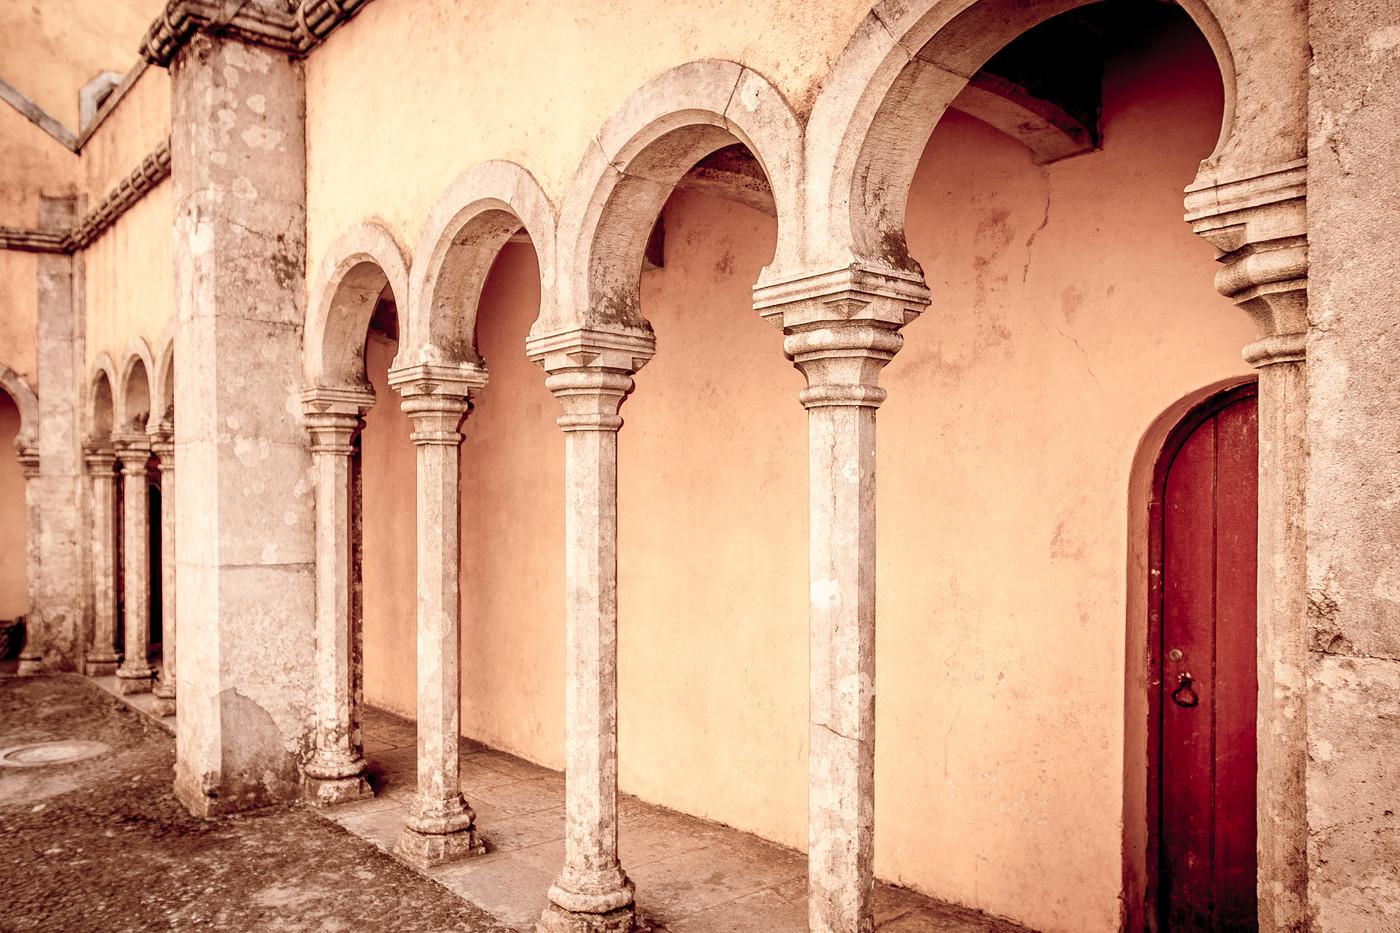 Gallery at Pena Palace